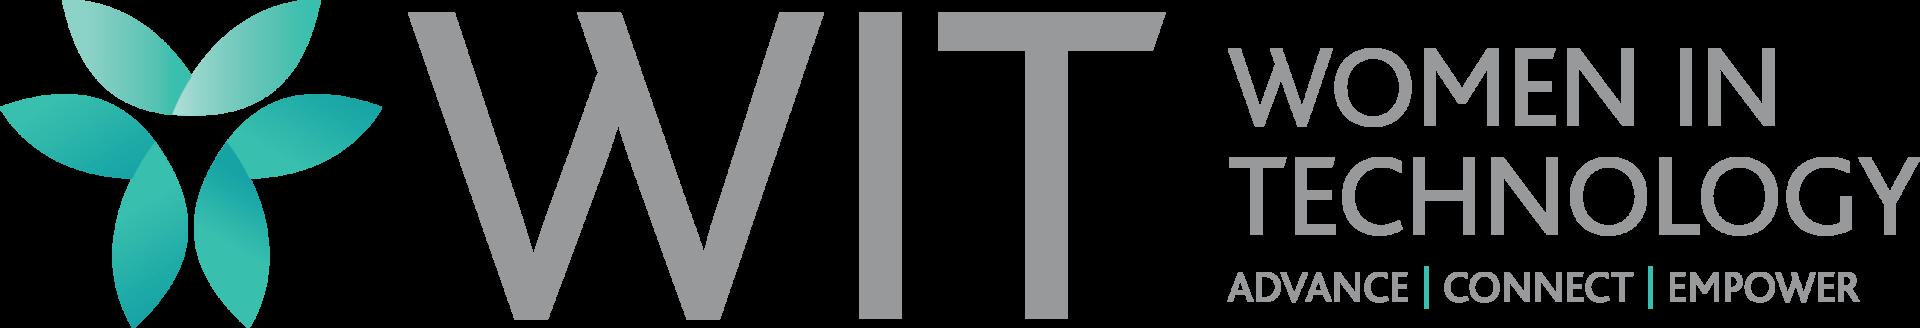 logo-women-in-technology